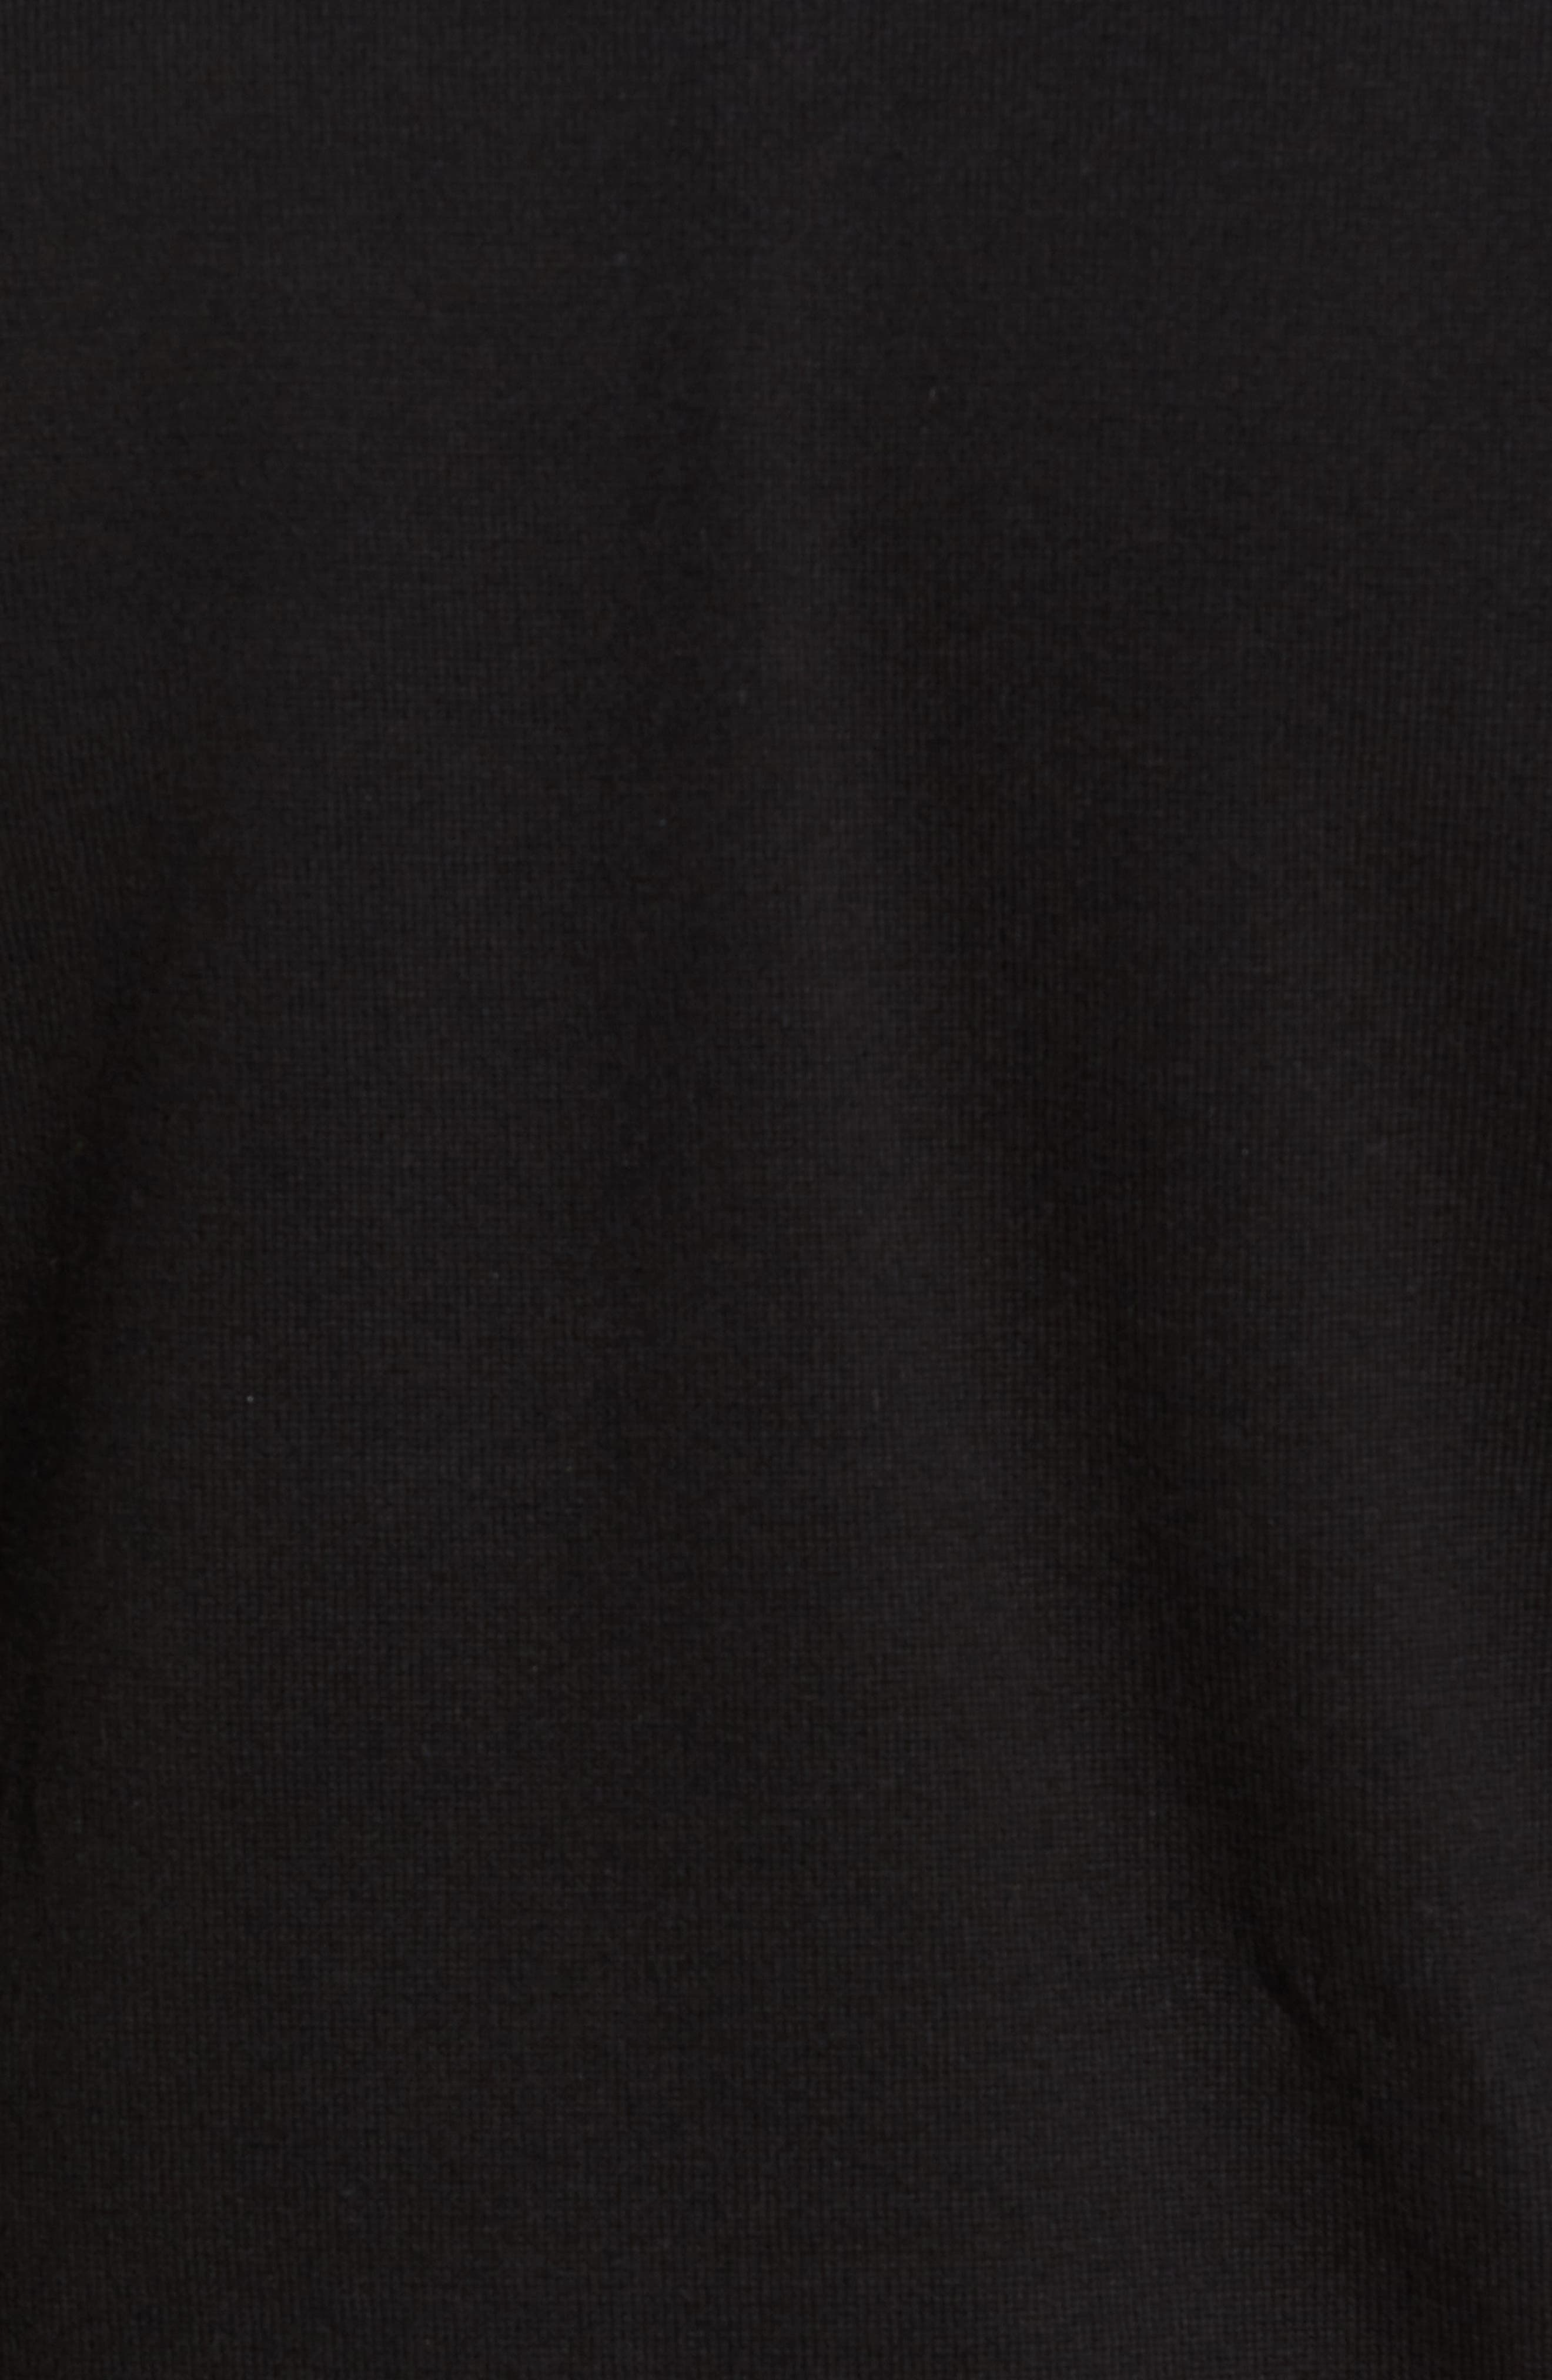 Lakemont V-Neck Sweater,                             Alternate thumbnail 5, color,                             Black